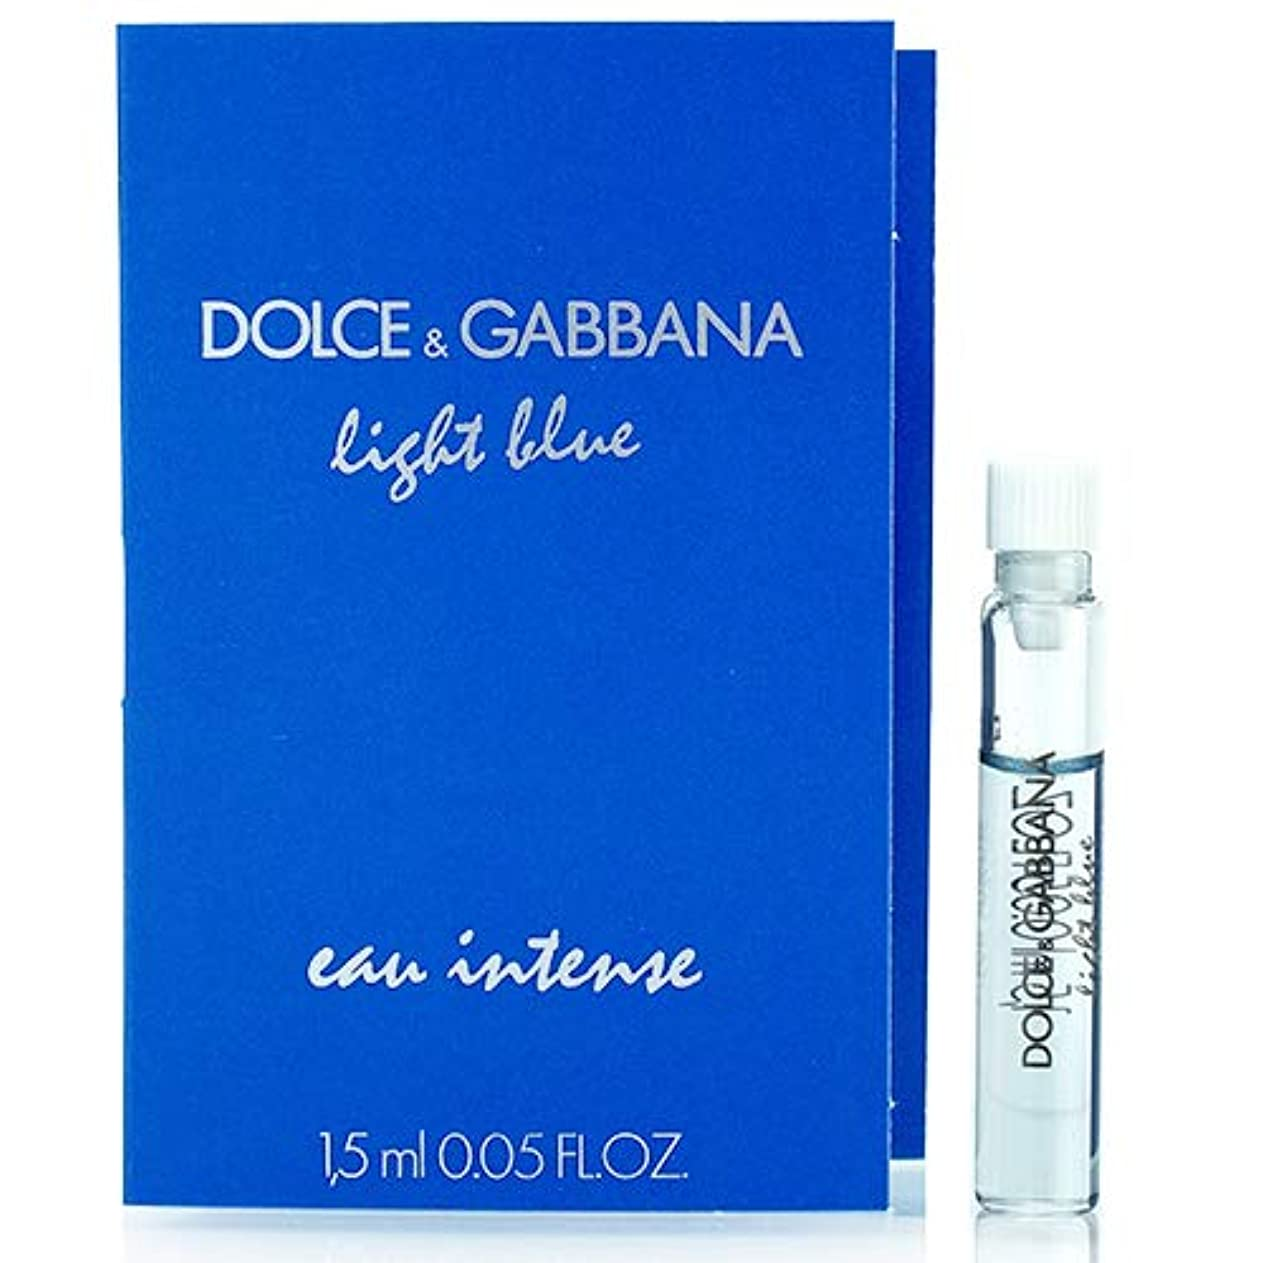 予防接種移植無声でドルチェ&ガッバーナ D&G ライトブルー オーインテンス オードパルファム EDP スプレー 1.5ml ミニ香水 サンプル 香水 DOLCE GABBANA [並行輸入品]